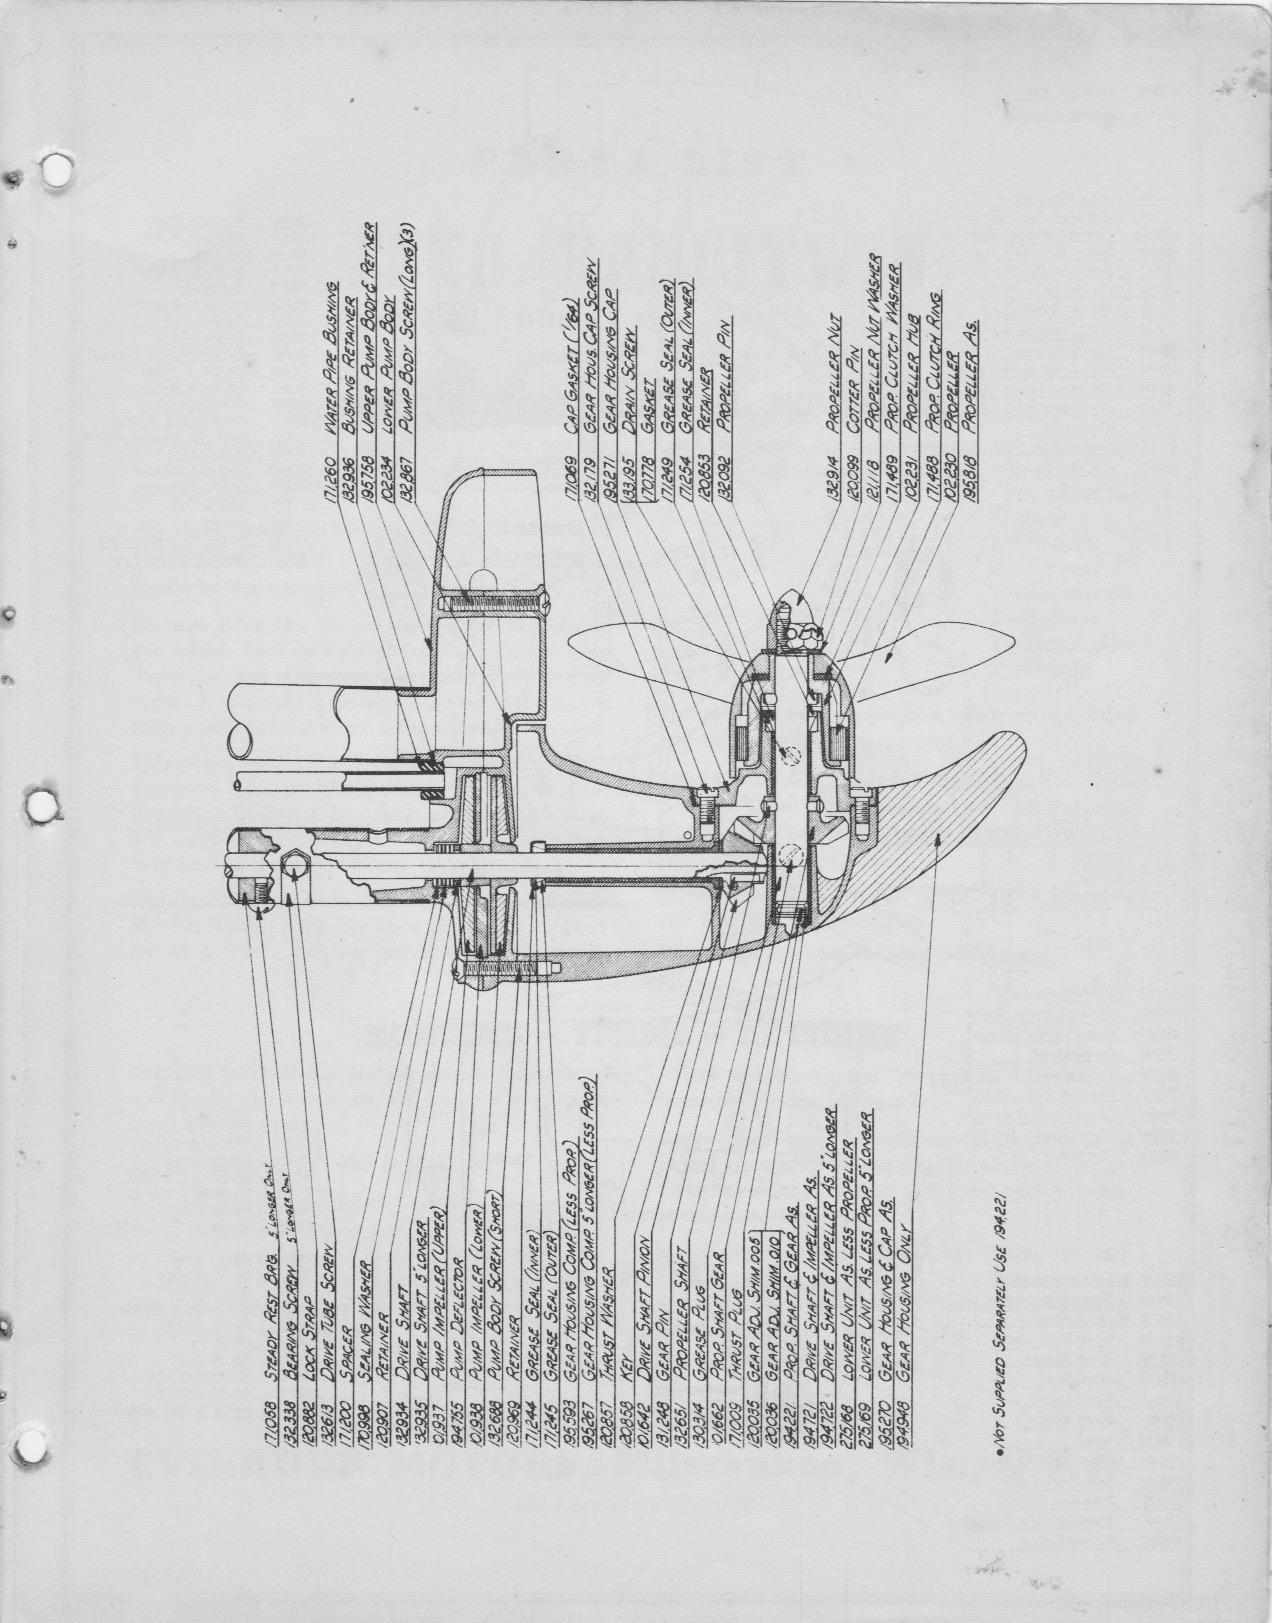 Elto Handitwin Antique Outboard Motor Club Inc